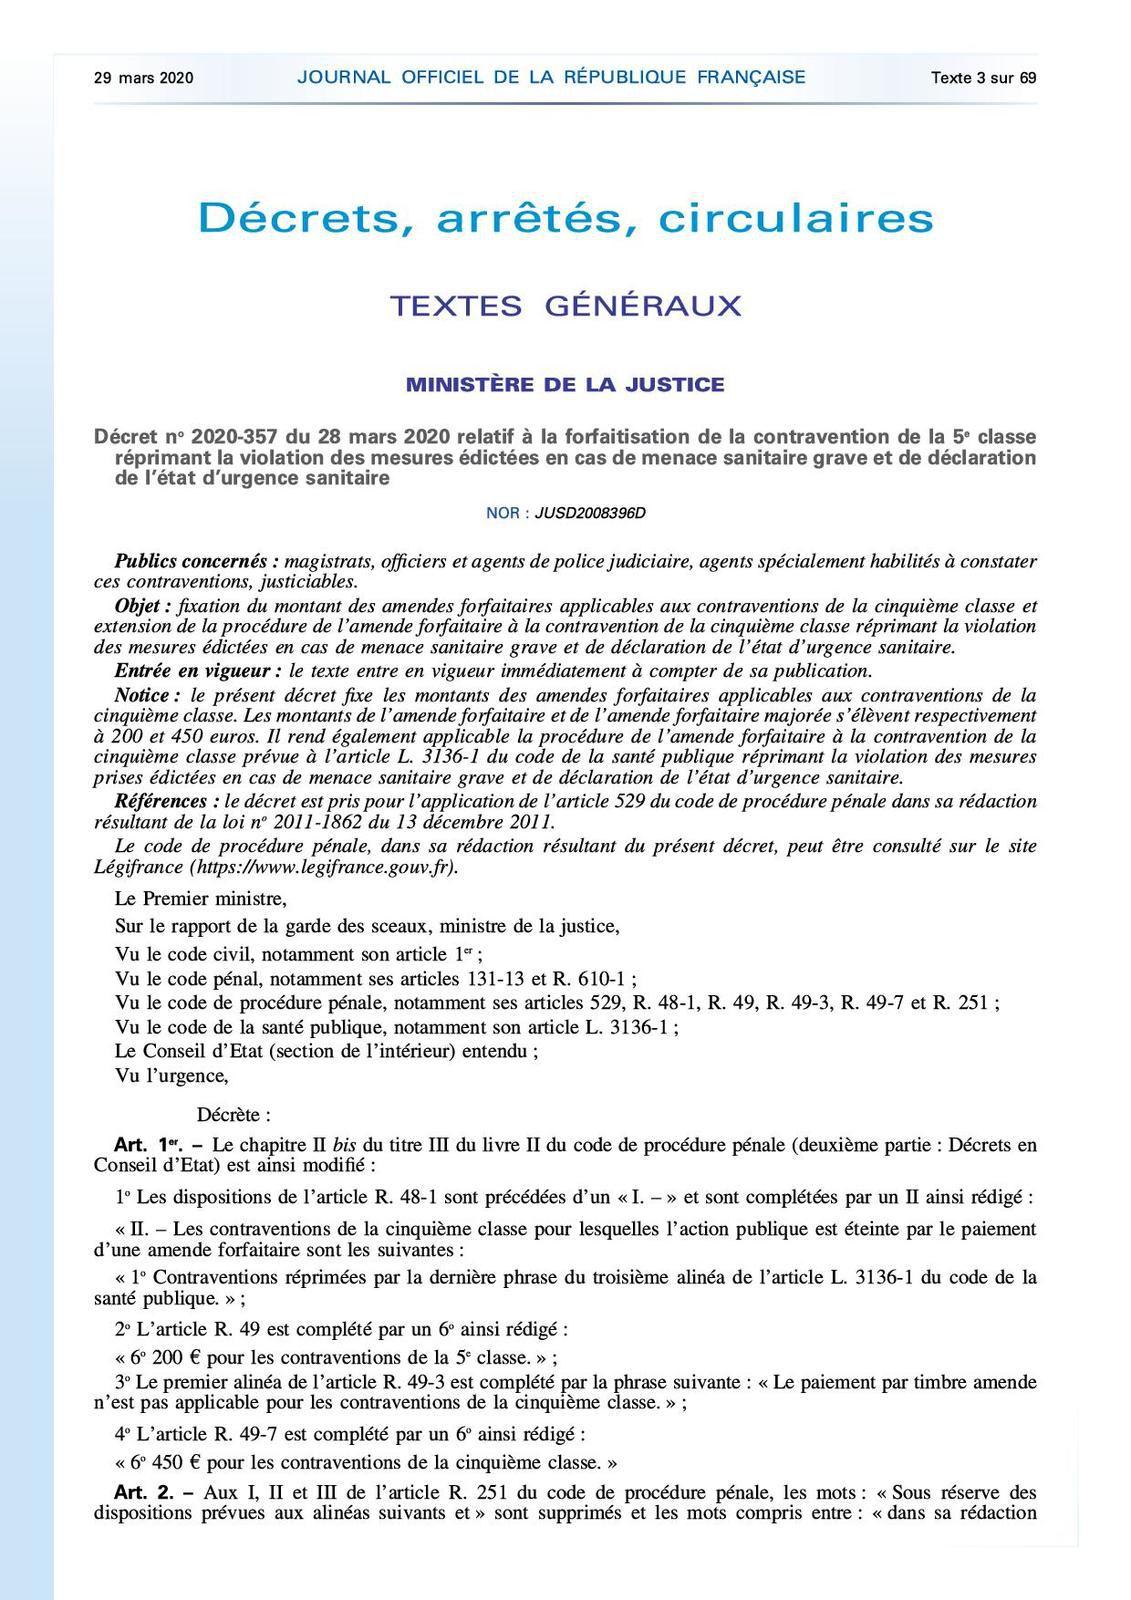 Confinement : évolution du tarifs des contraventions (Décret n° 2020-357 du 28 mars 2020)